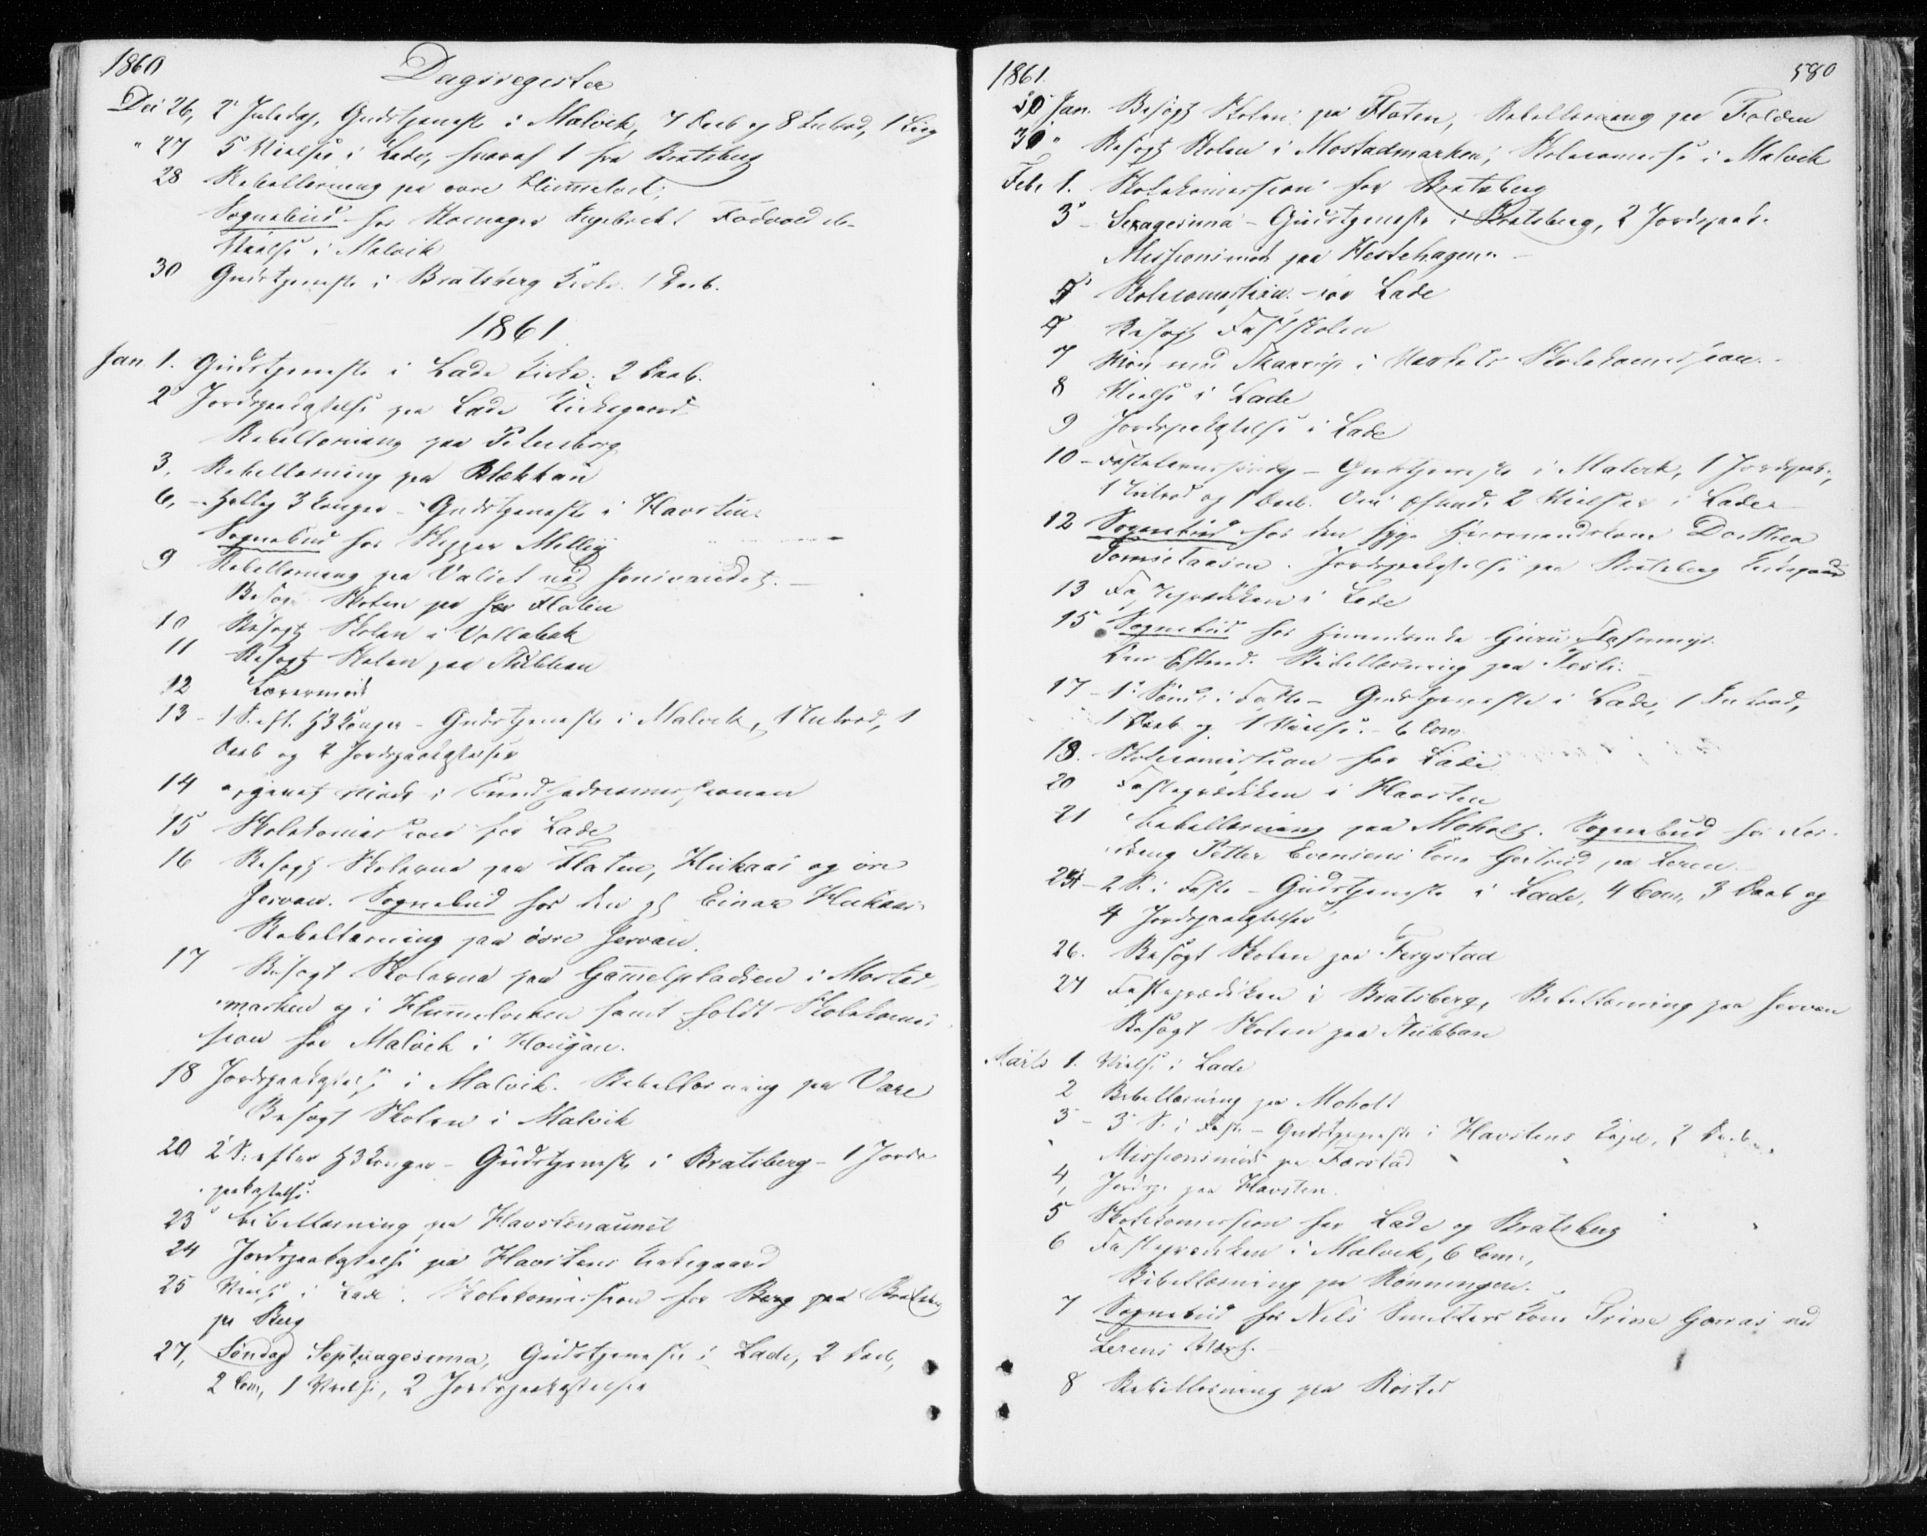 SAT, Ministerialprotokoller, klokkerbøker og fødselsregistre - Sør-Trøndelag, 606/L0292: Ministerialbok nr. 606A07, 1856-1865, s. 580